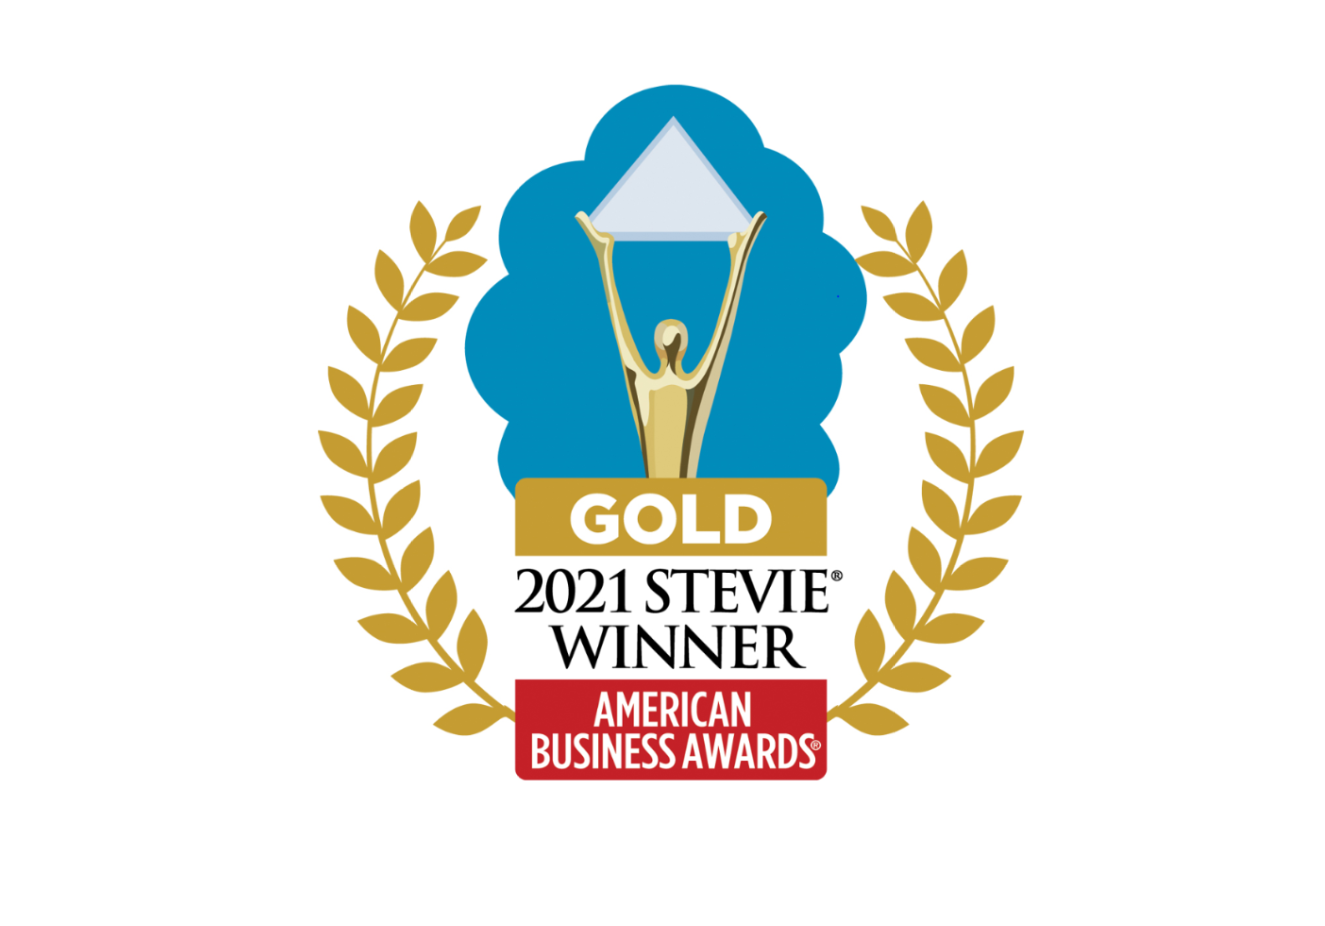 Stevie Gold Award